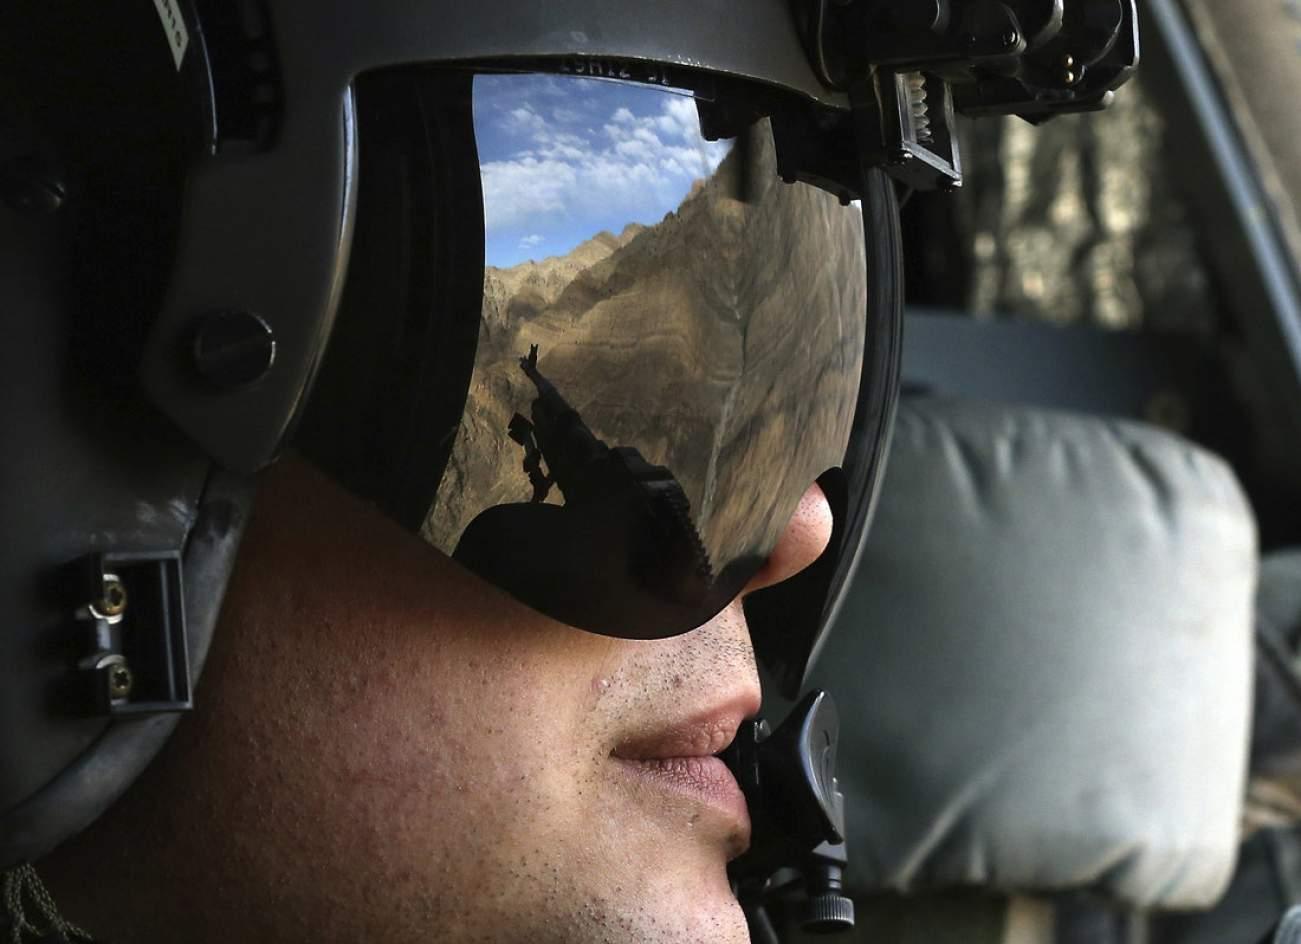 Sustaining U.S. Counterterrorism Pressure in Afghanistan